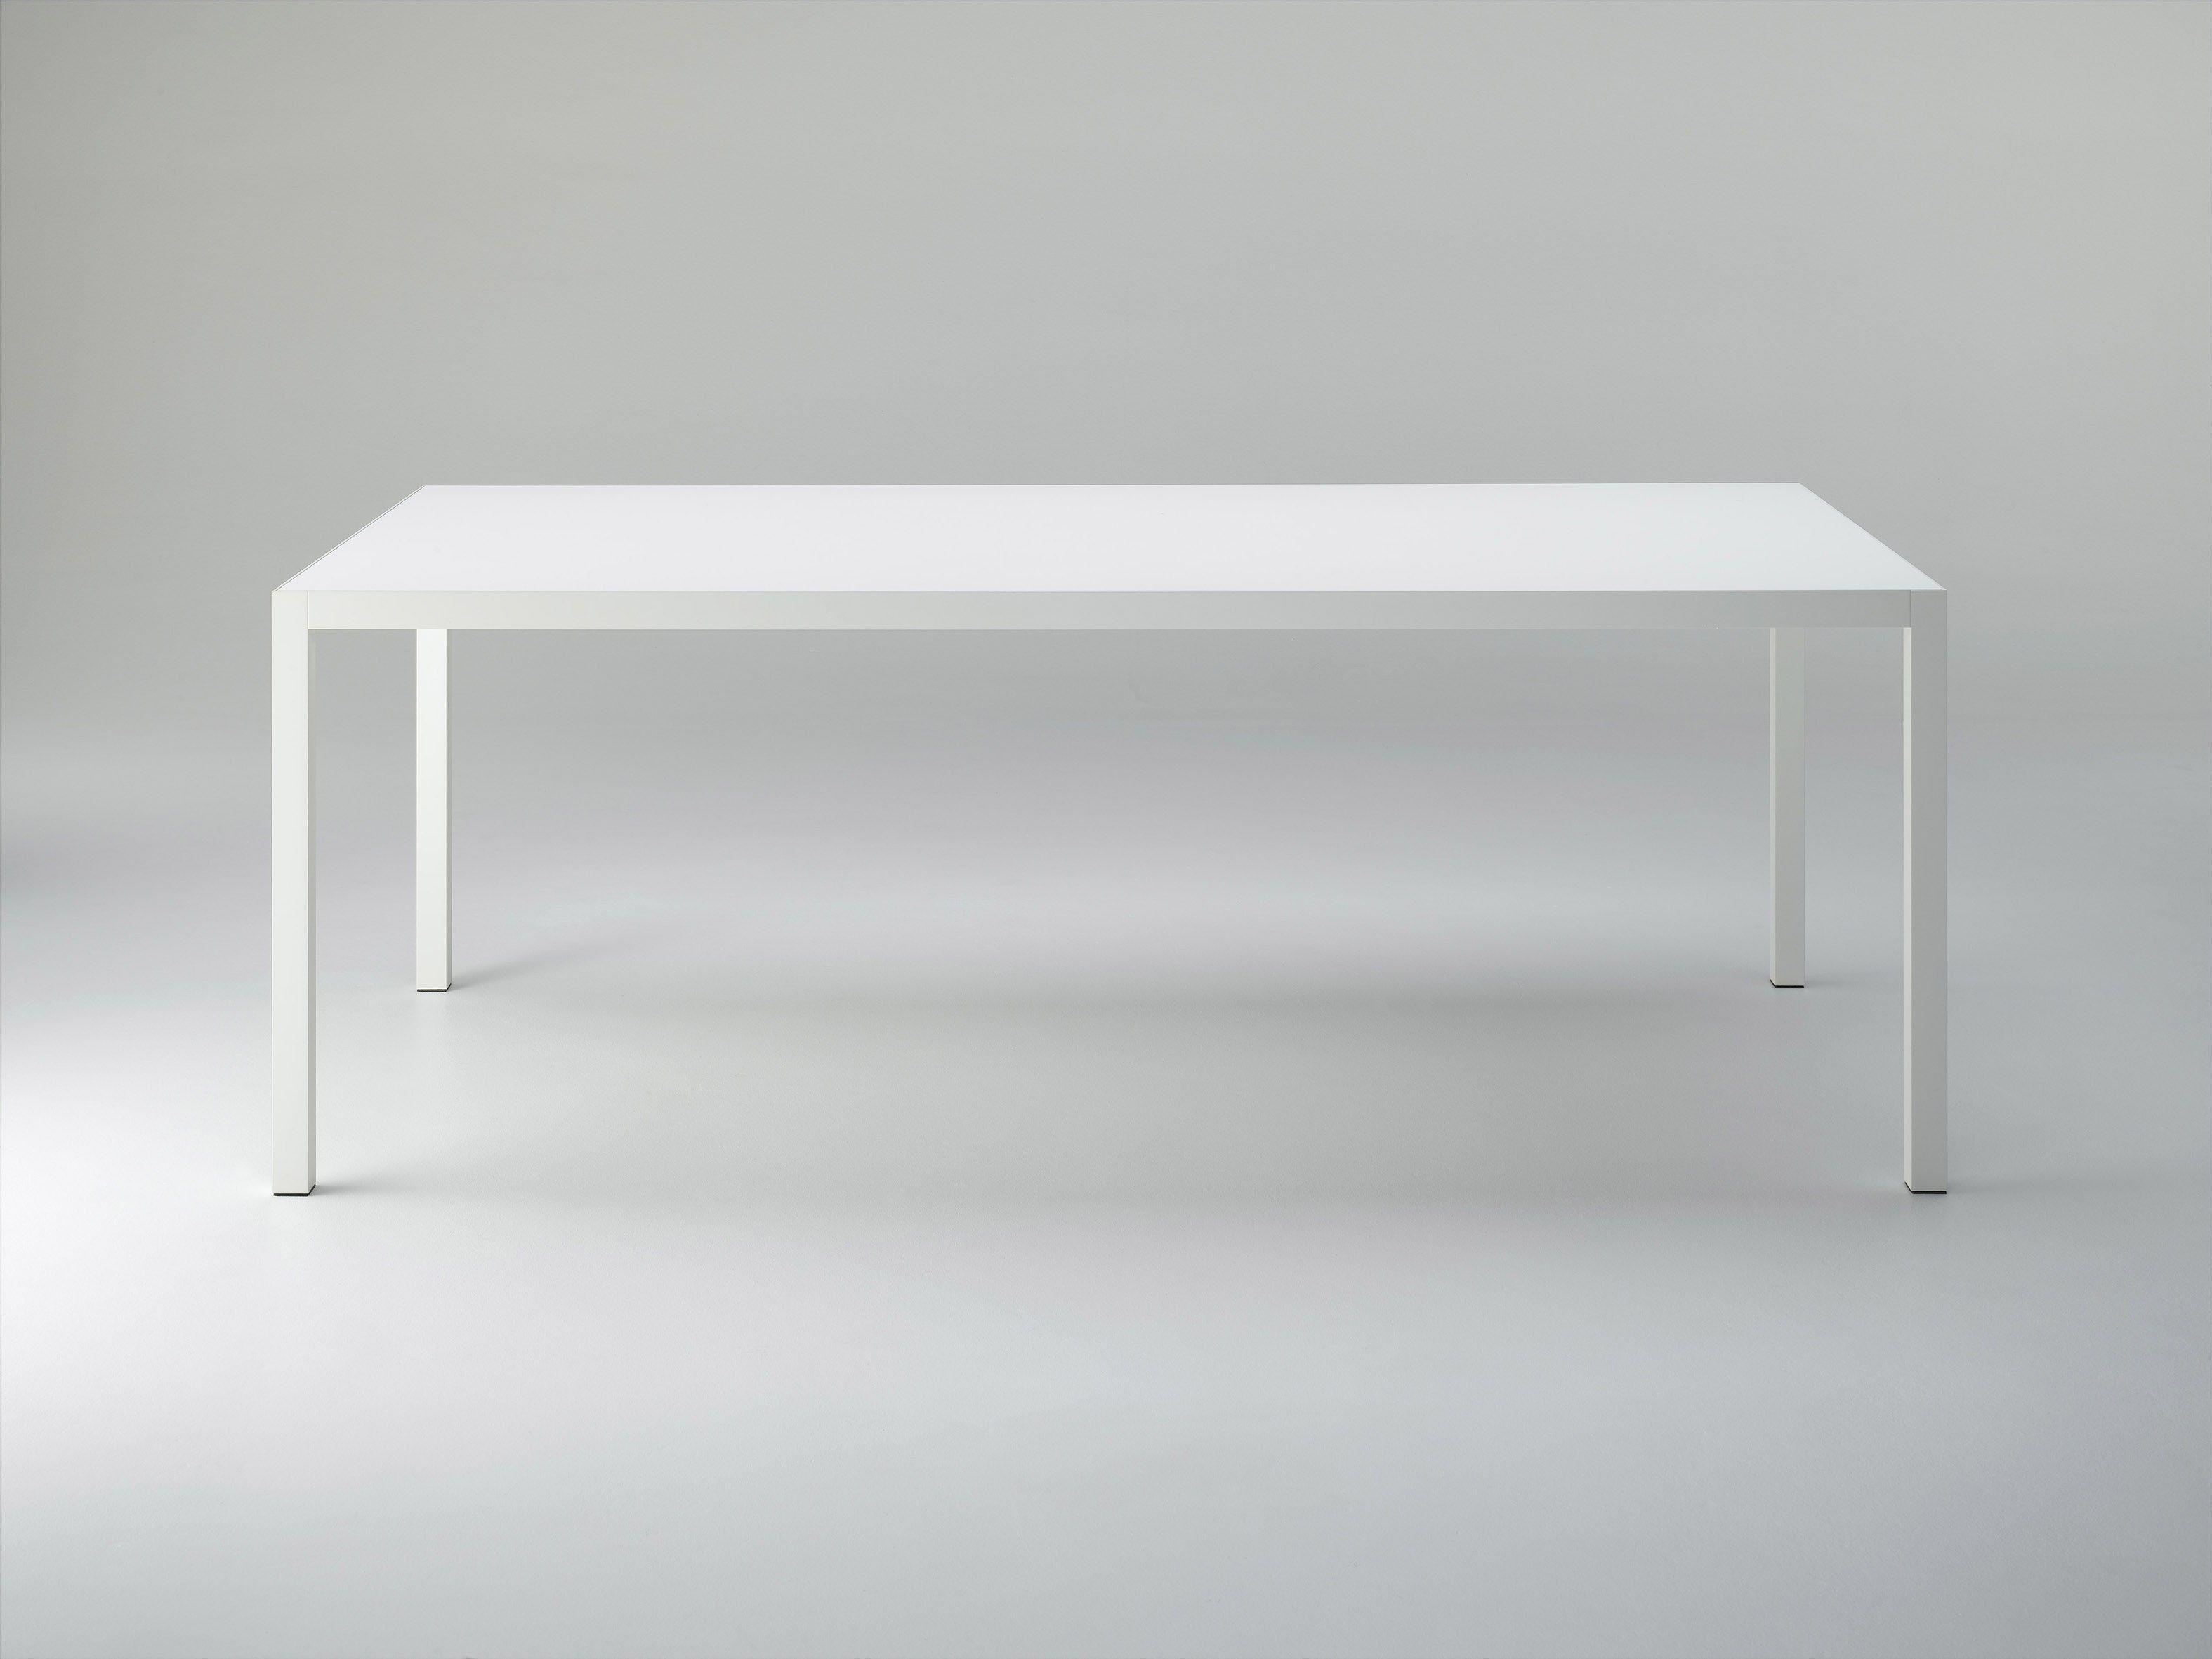 ausziehbarer tisch aus aluminium keramik by mdf italia design bruno fattorini. Black Bedroom Furniture Sets. Home Design Ideas